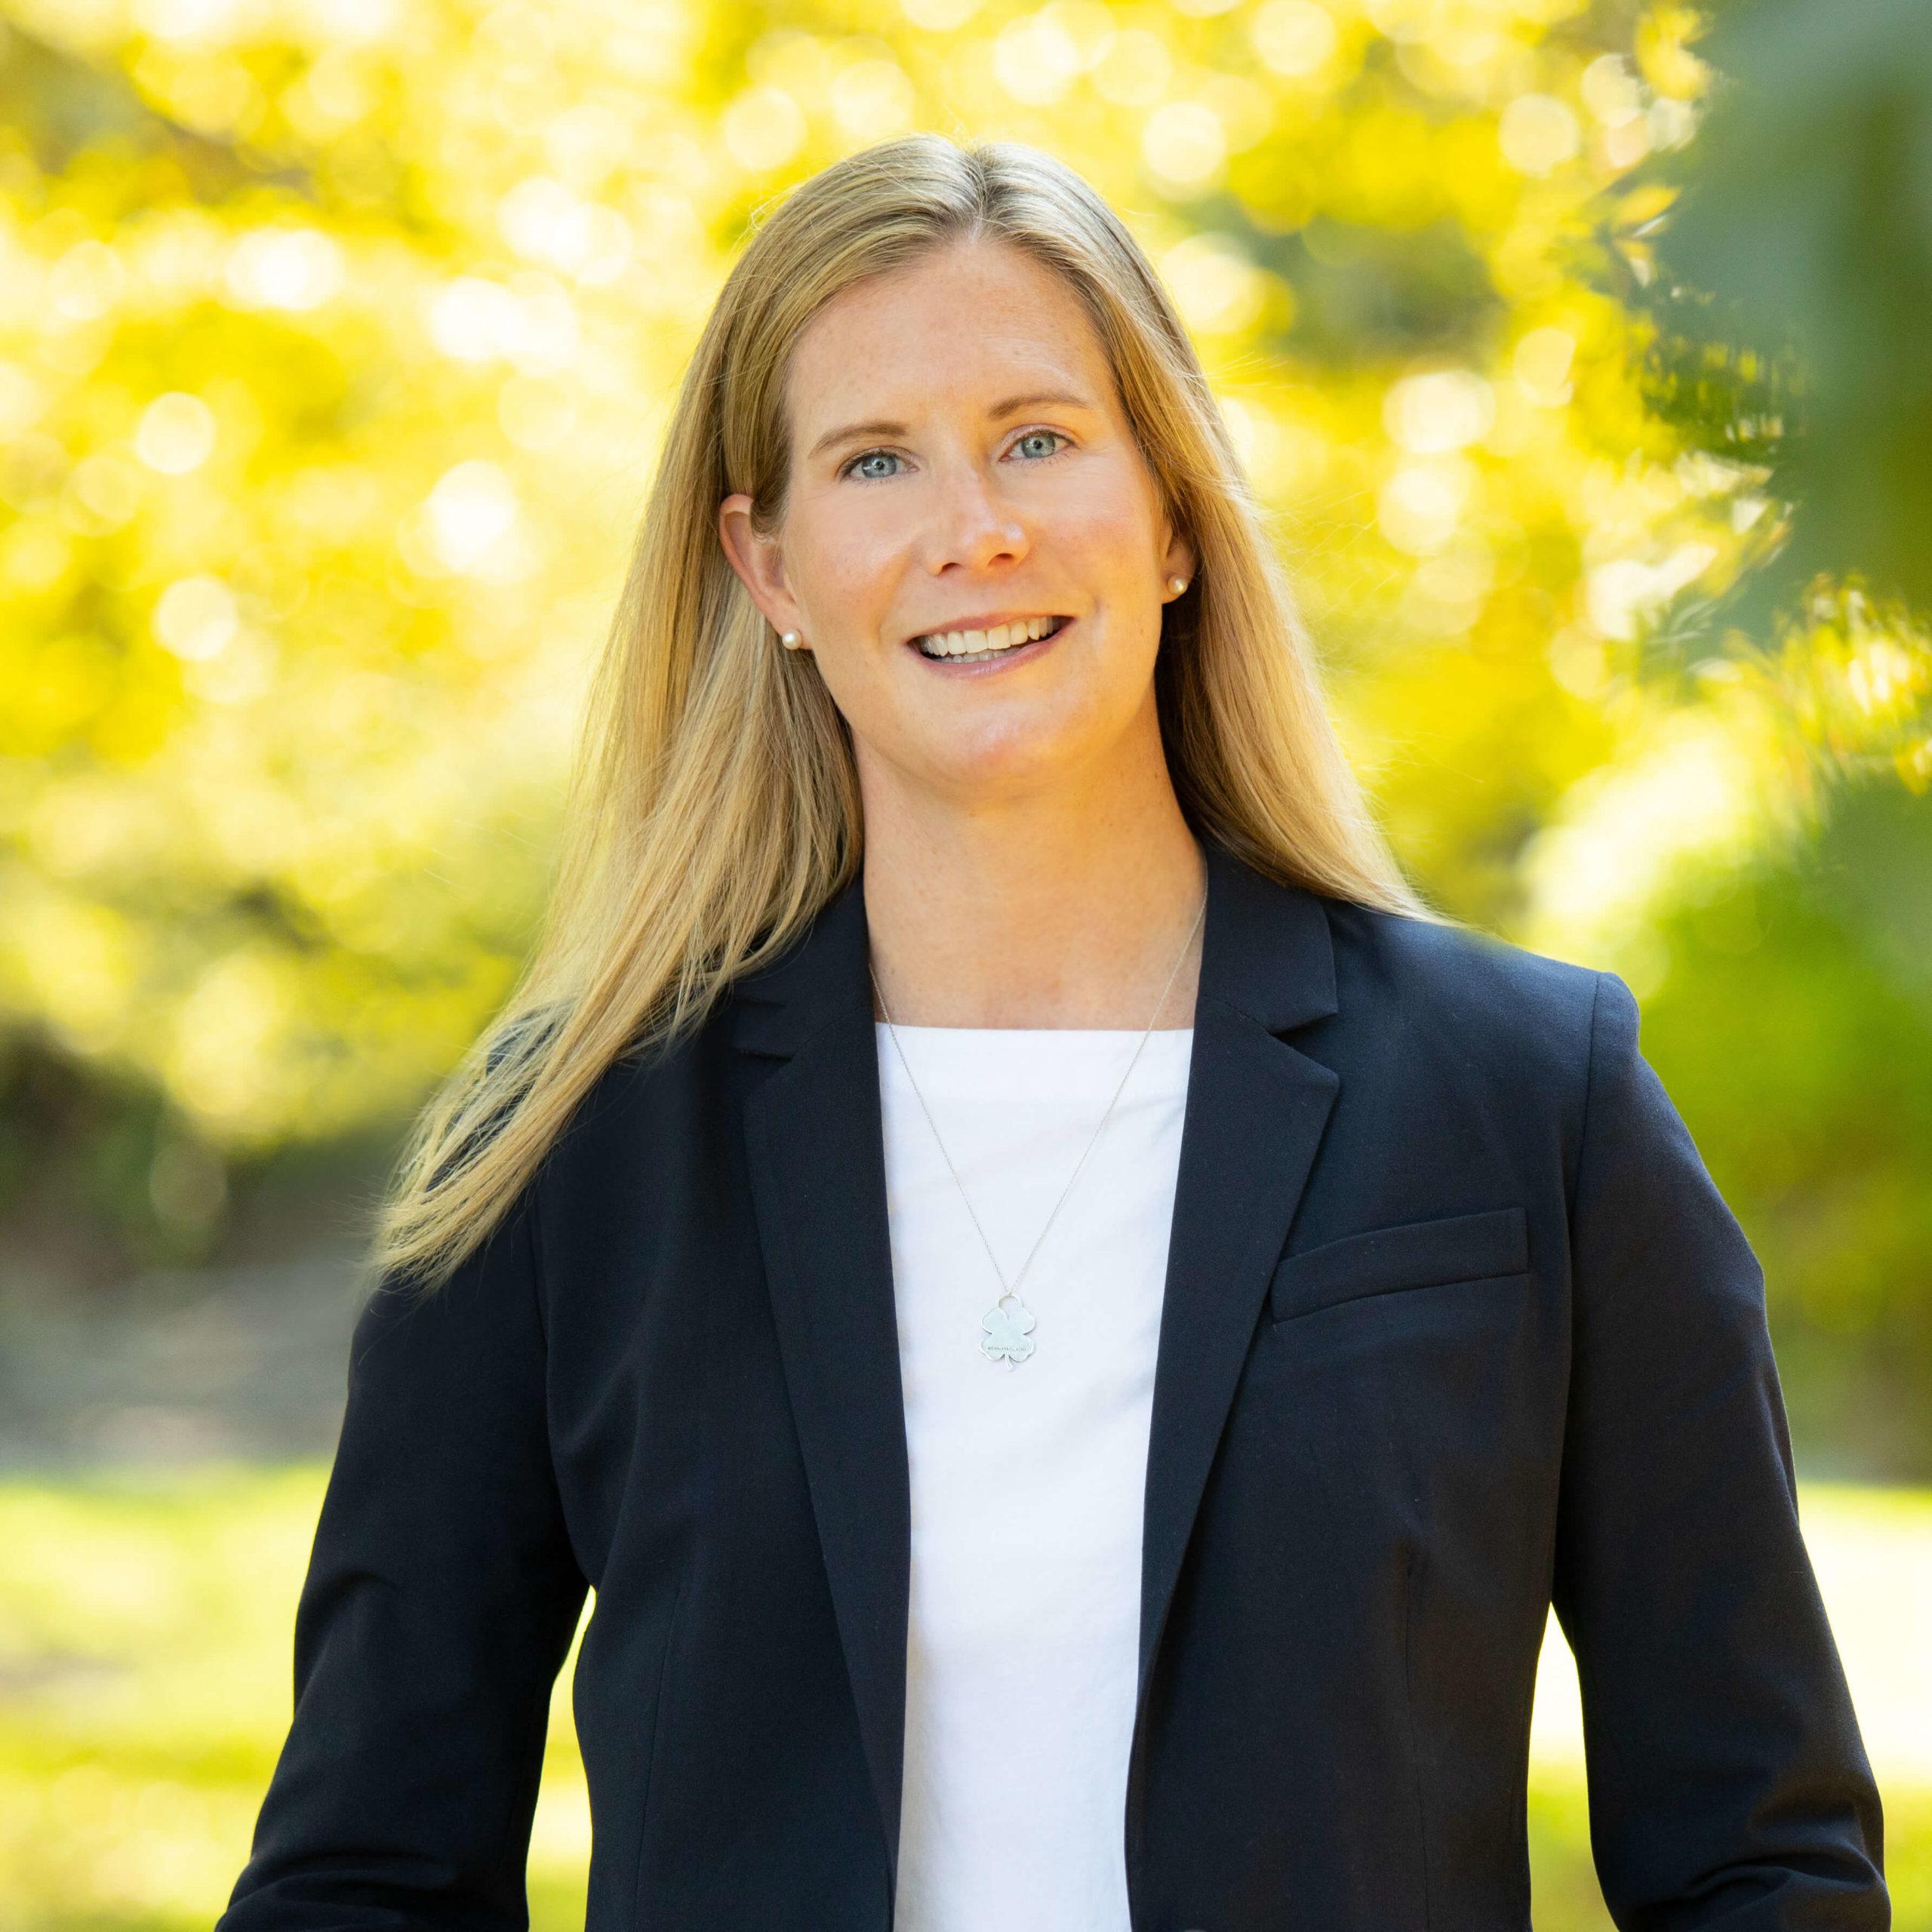 Sarah Busch